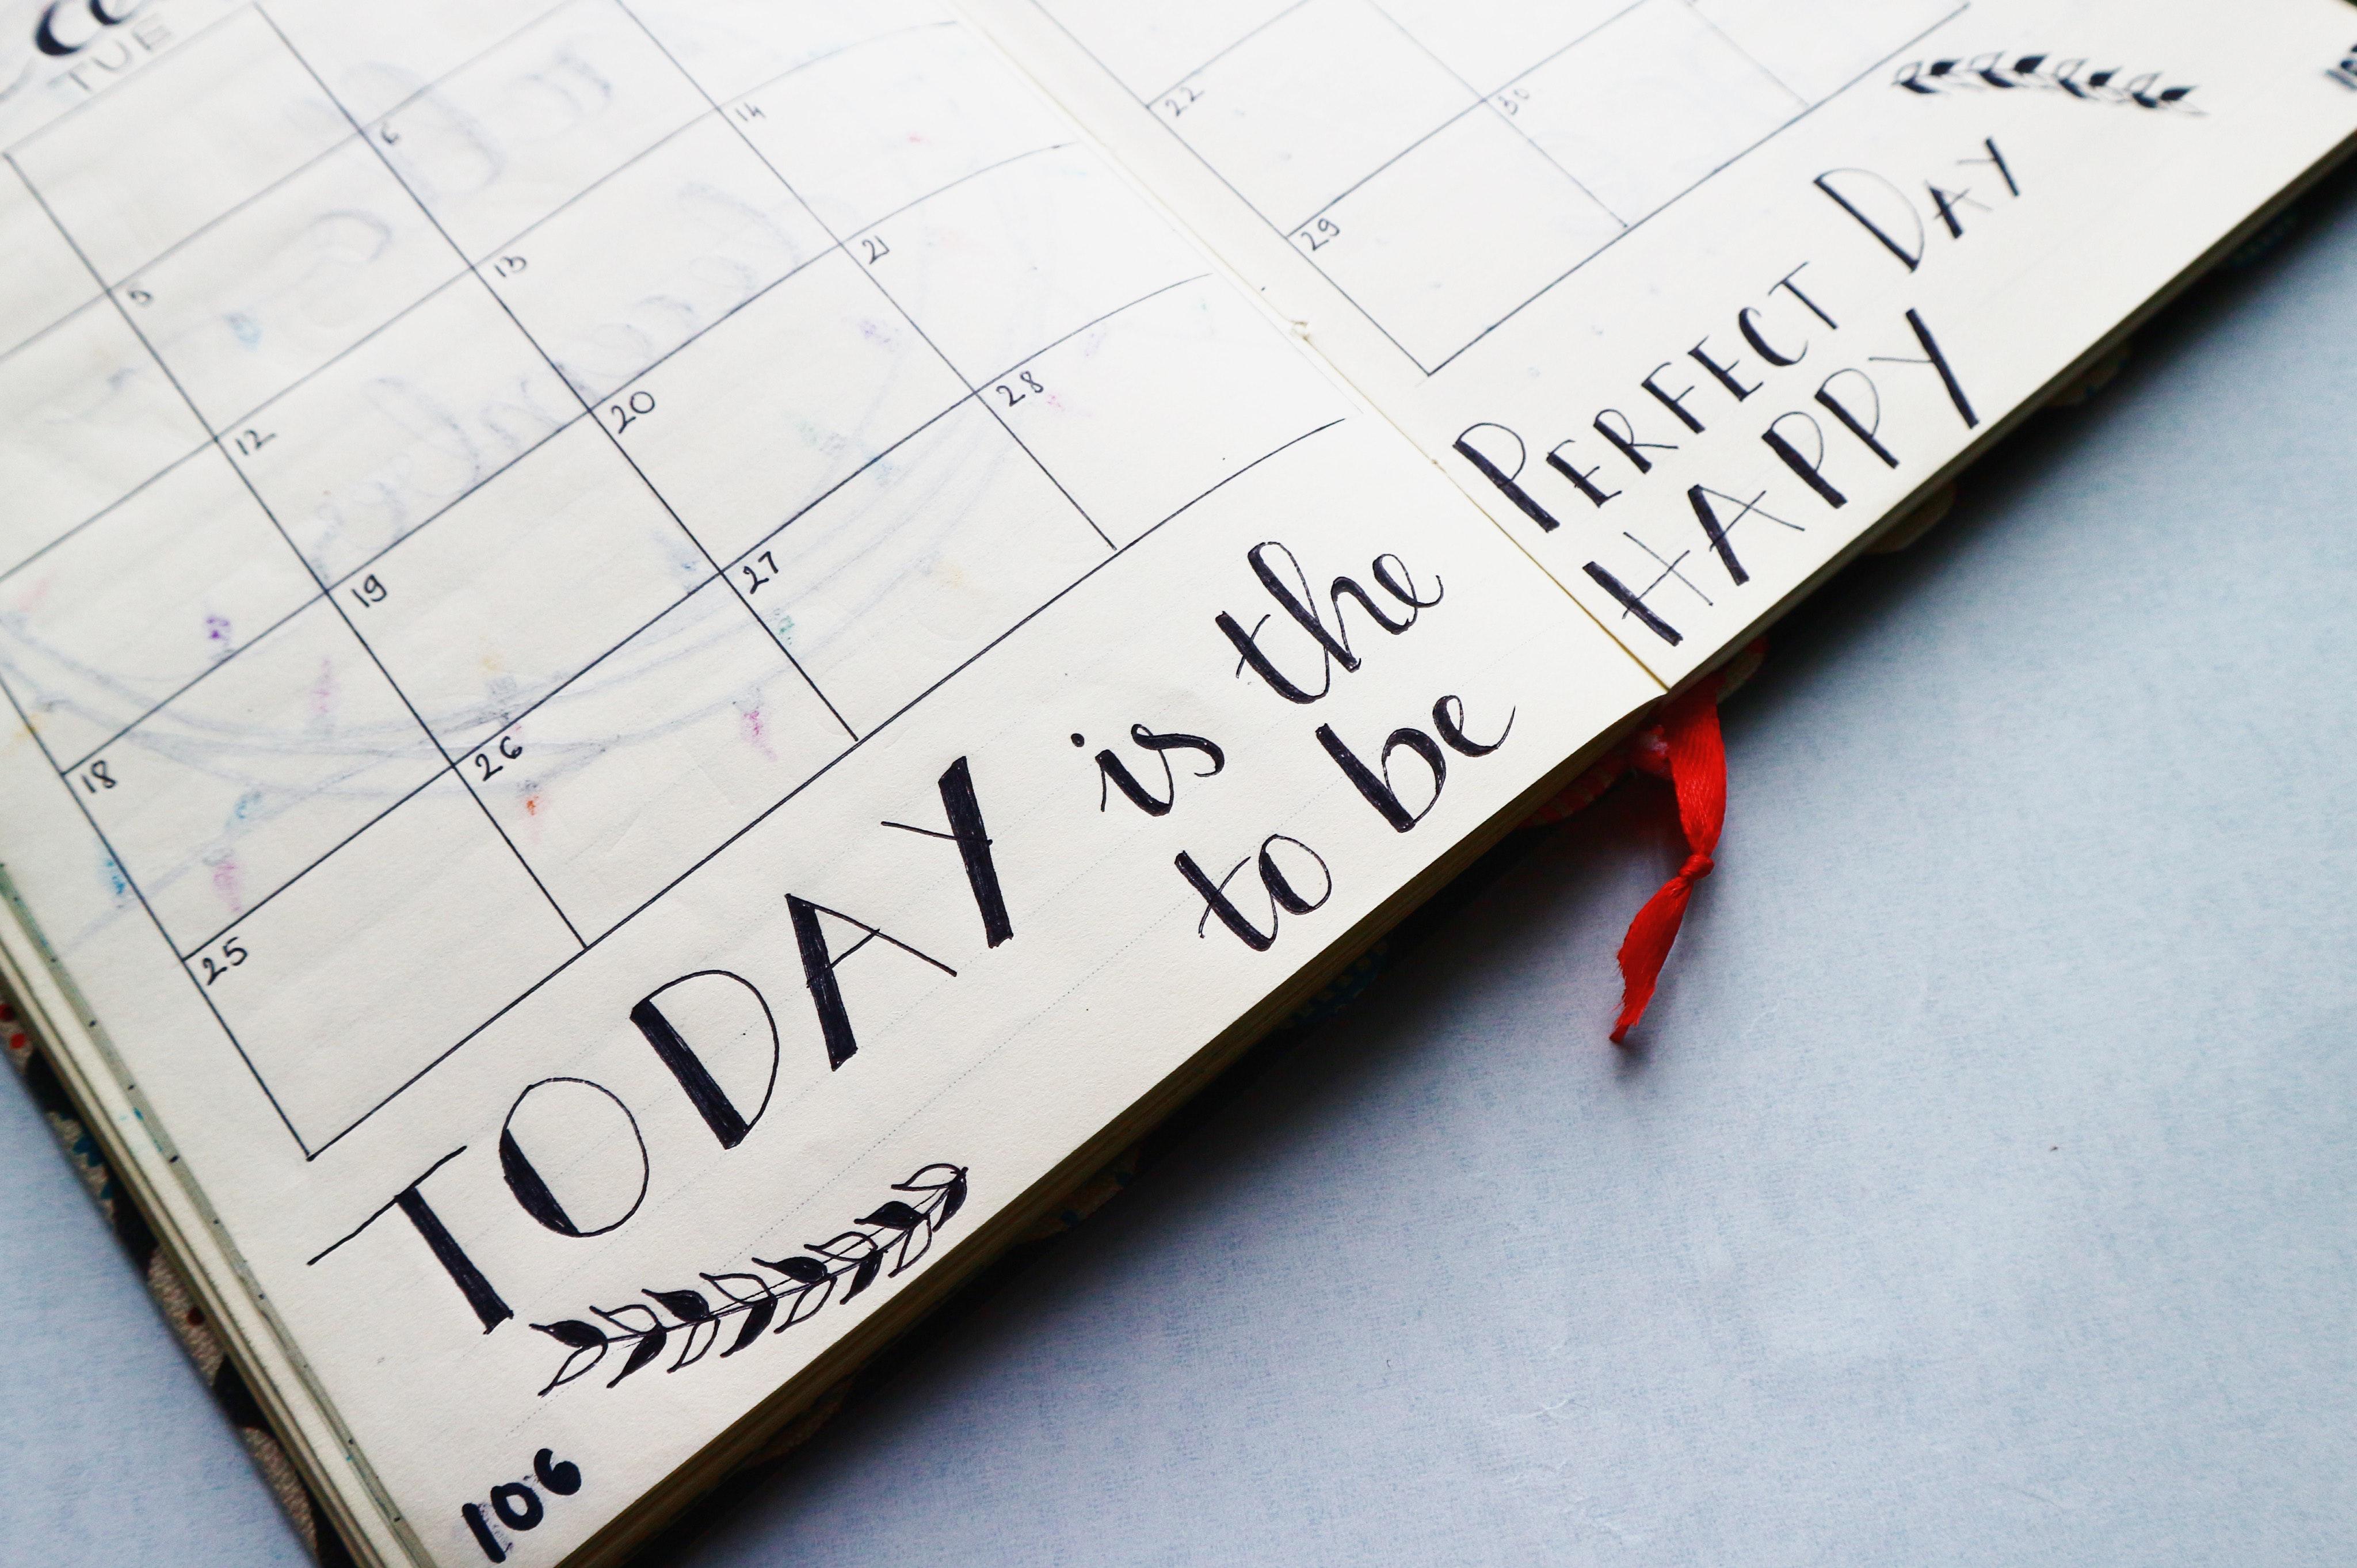 calendar-handwriting-notebook-636246